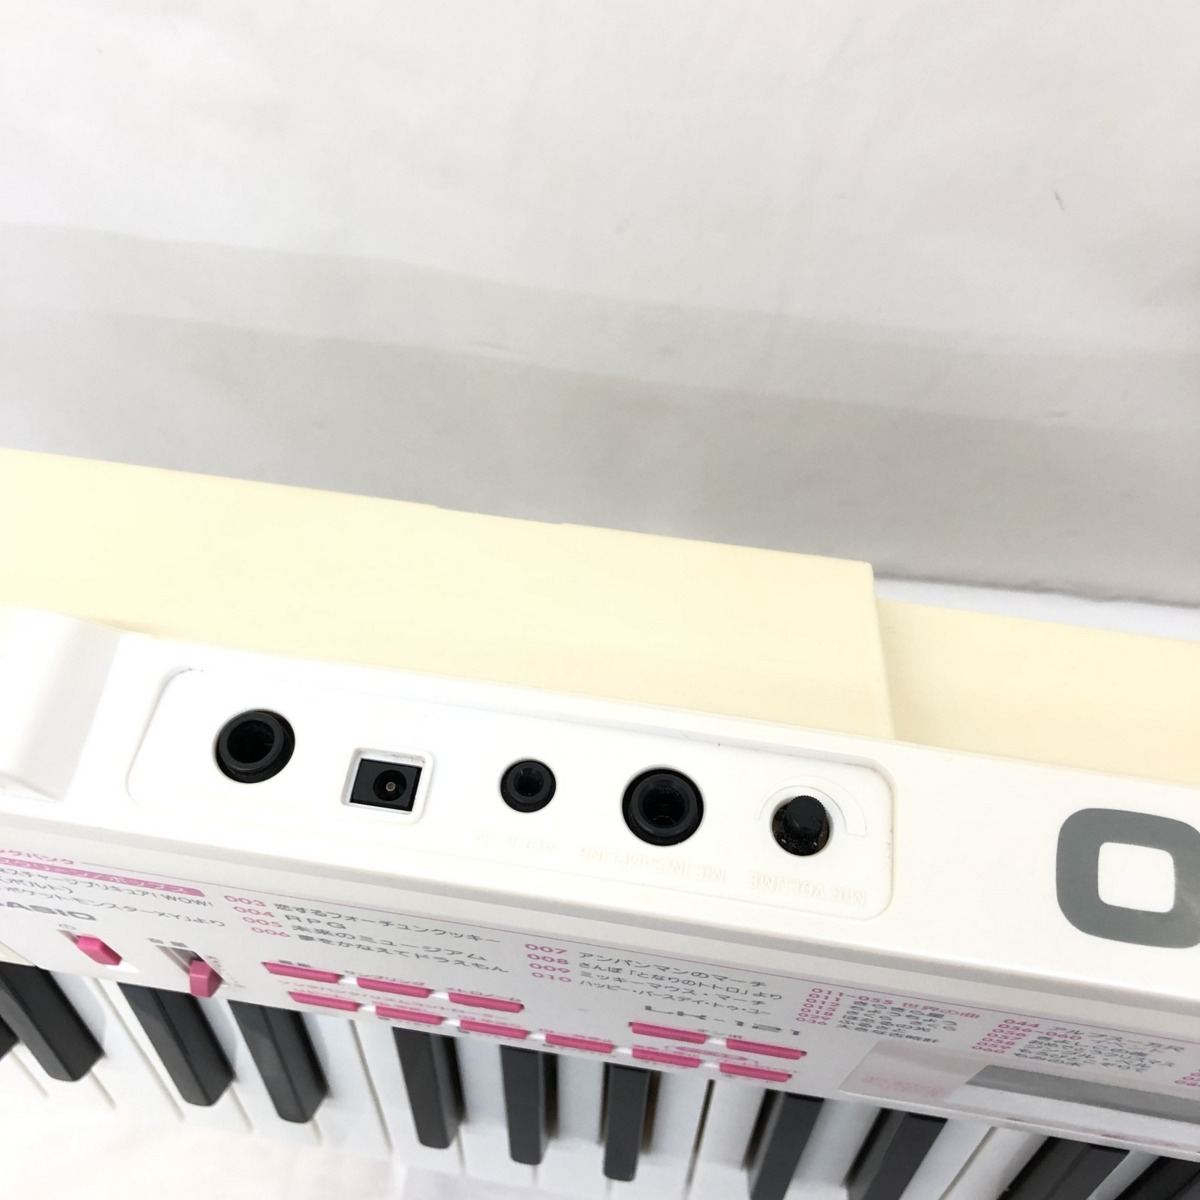 中古 CASIO カシオ 電子キーボード 光ナビゲーション LK-121 61鍵盤 電子ピアノ ホワイト ピンク 鍵盤楽器 アダプター付き H15423_画像9